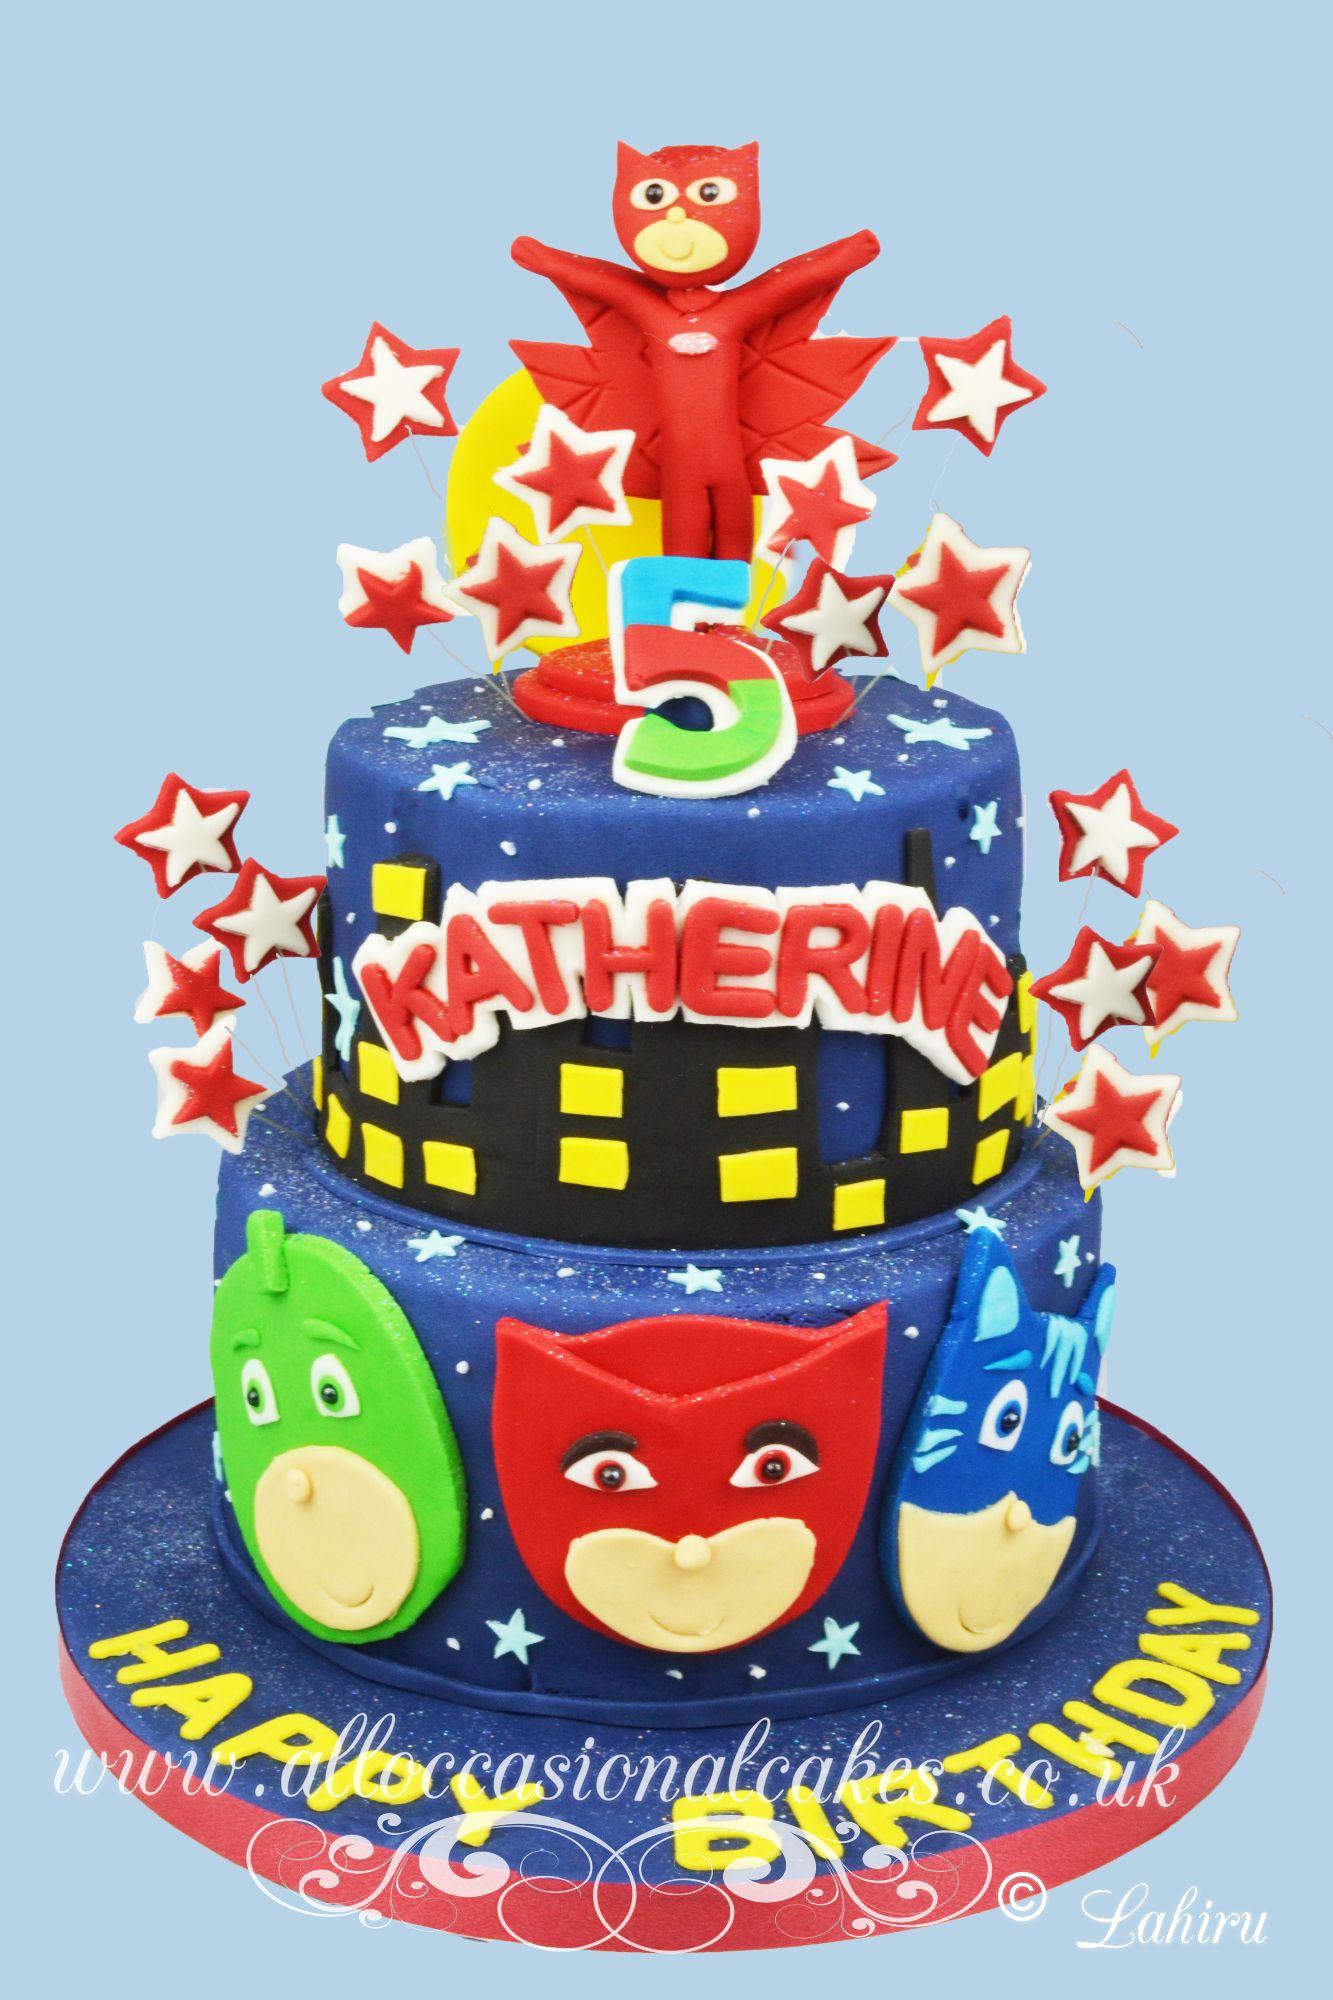 pj mars birthday cake